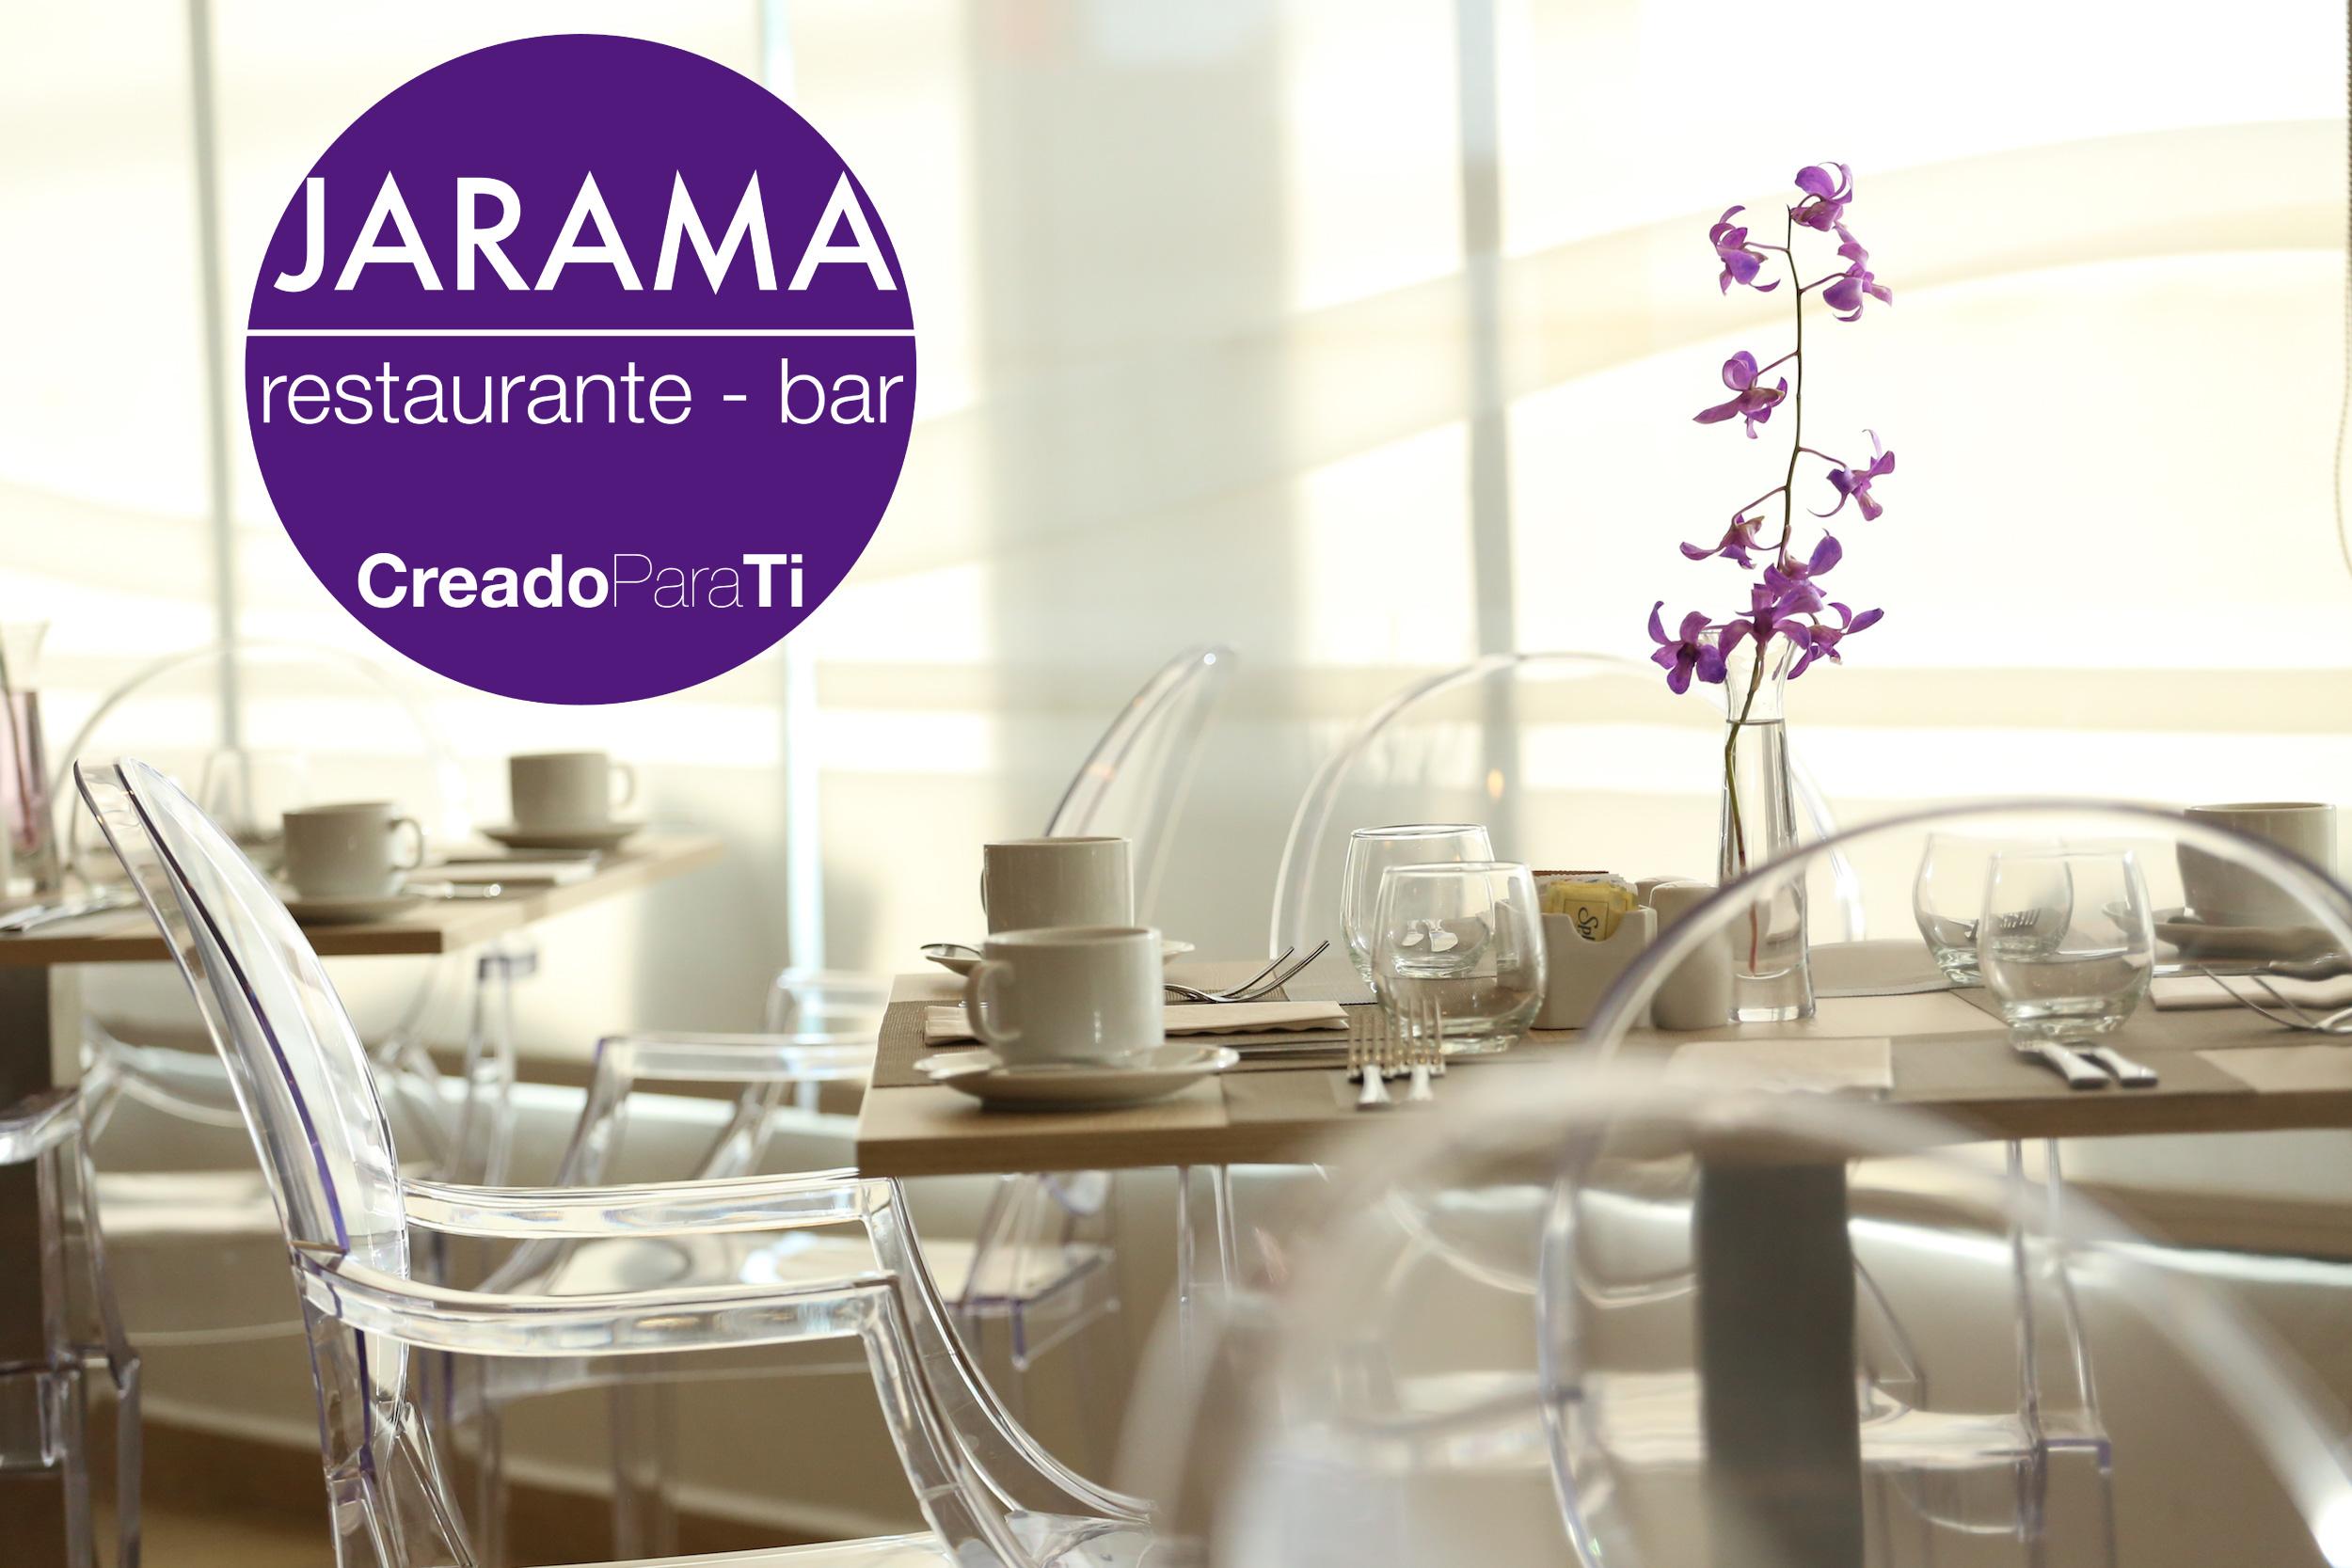 Nuestros detalles Restaurante Jarama en David Chiriguí, Panamá